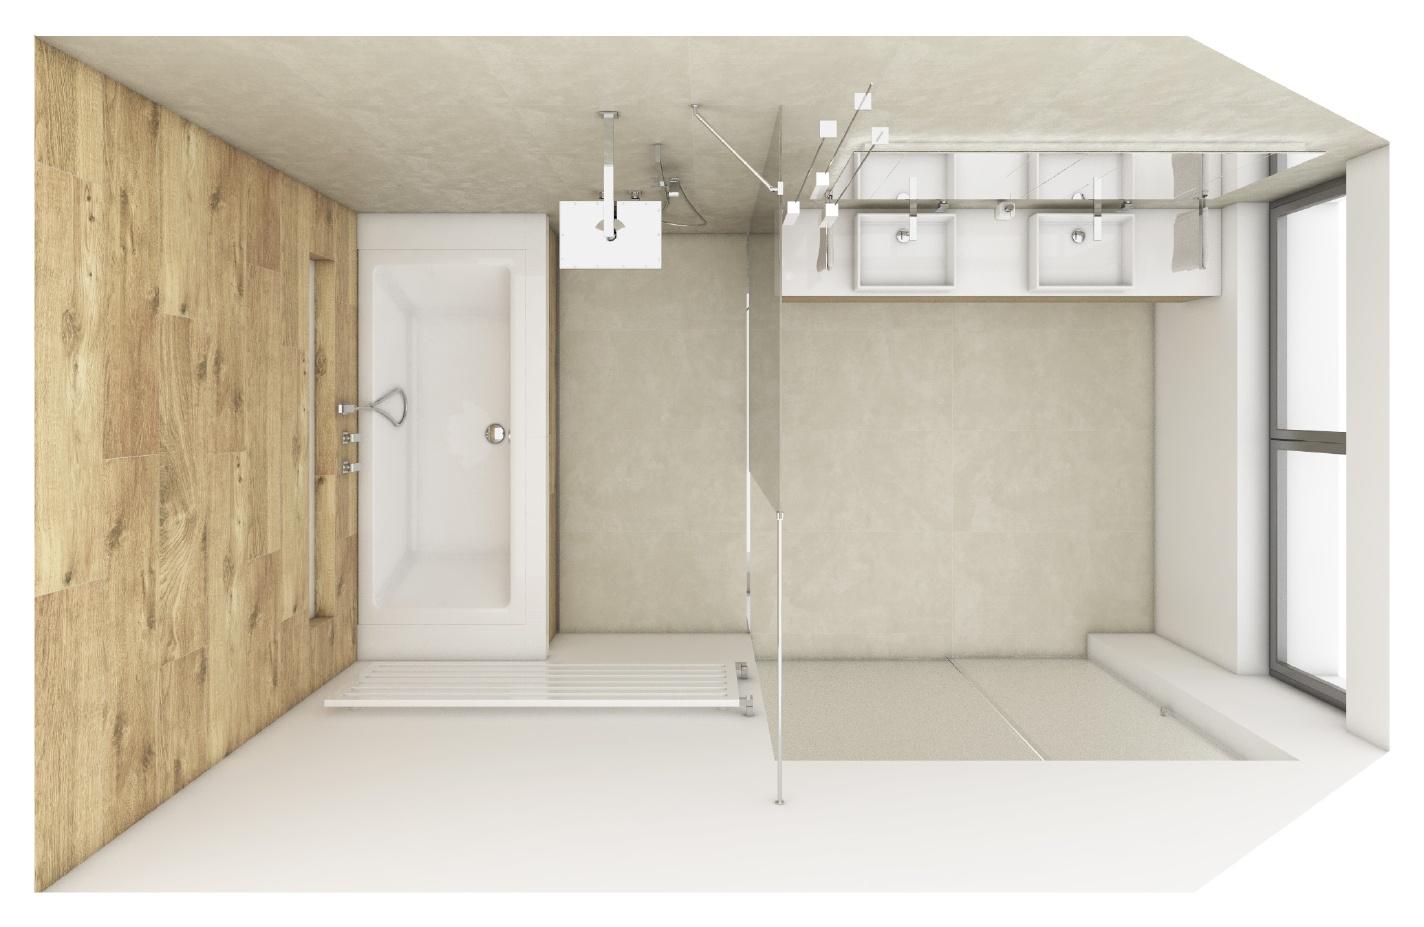 Wohnzimmerz badezimmer grundrisse with zukunftsorientierte badezimmer dekoo